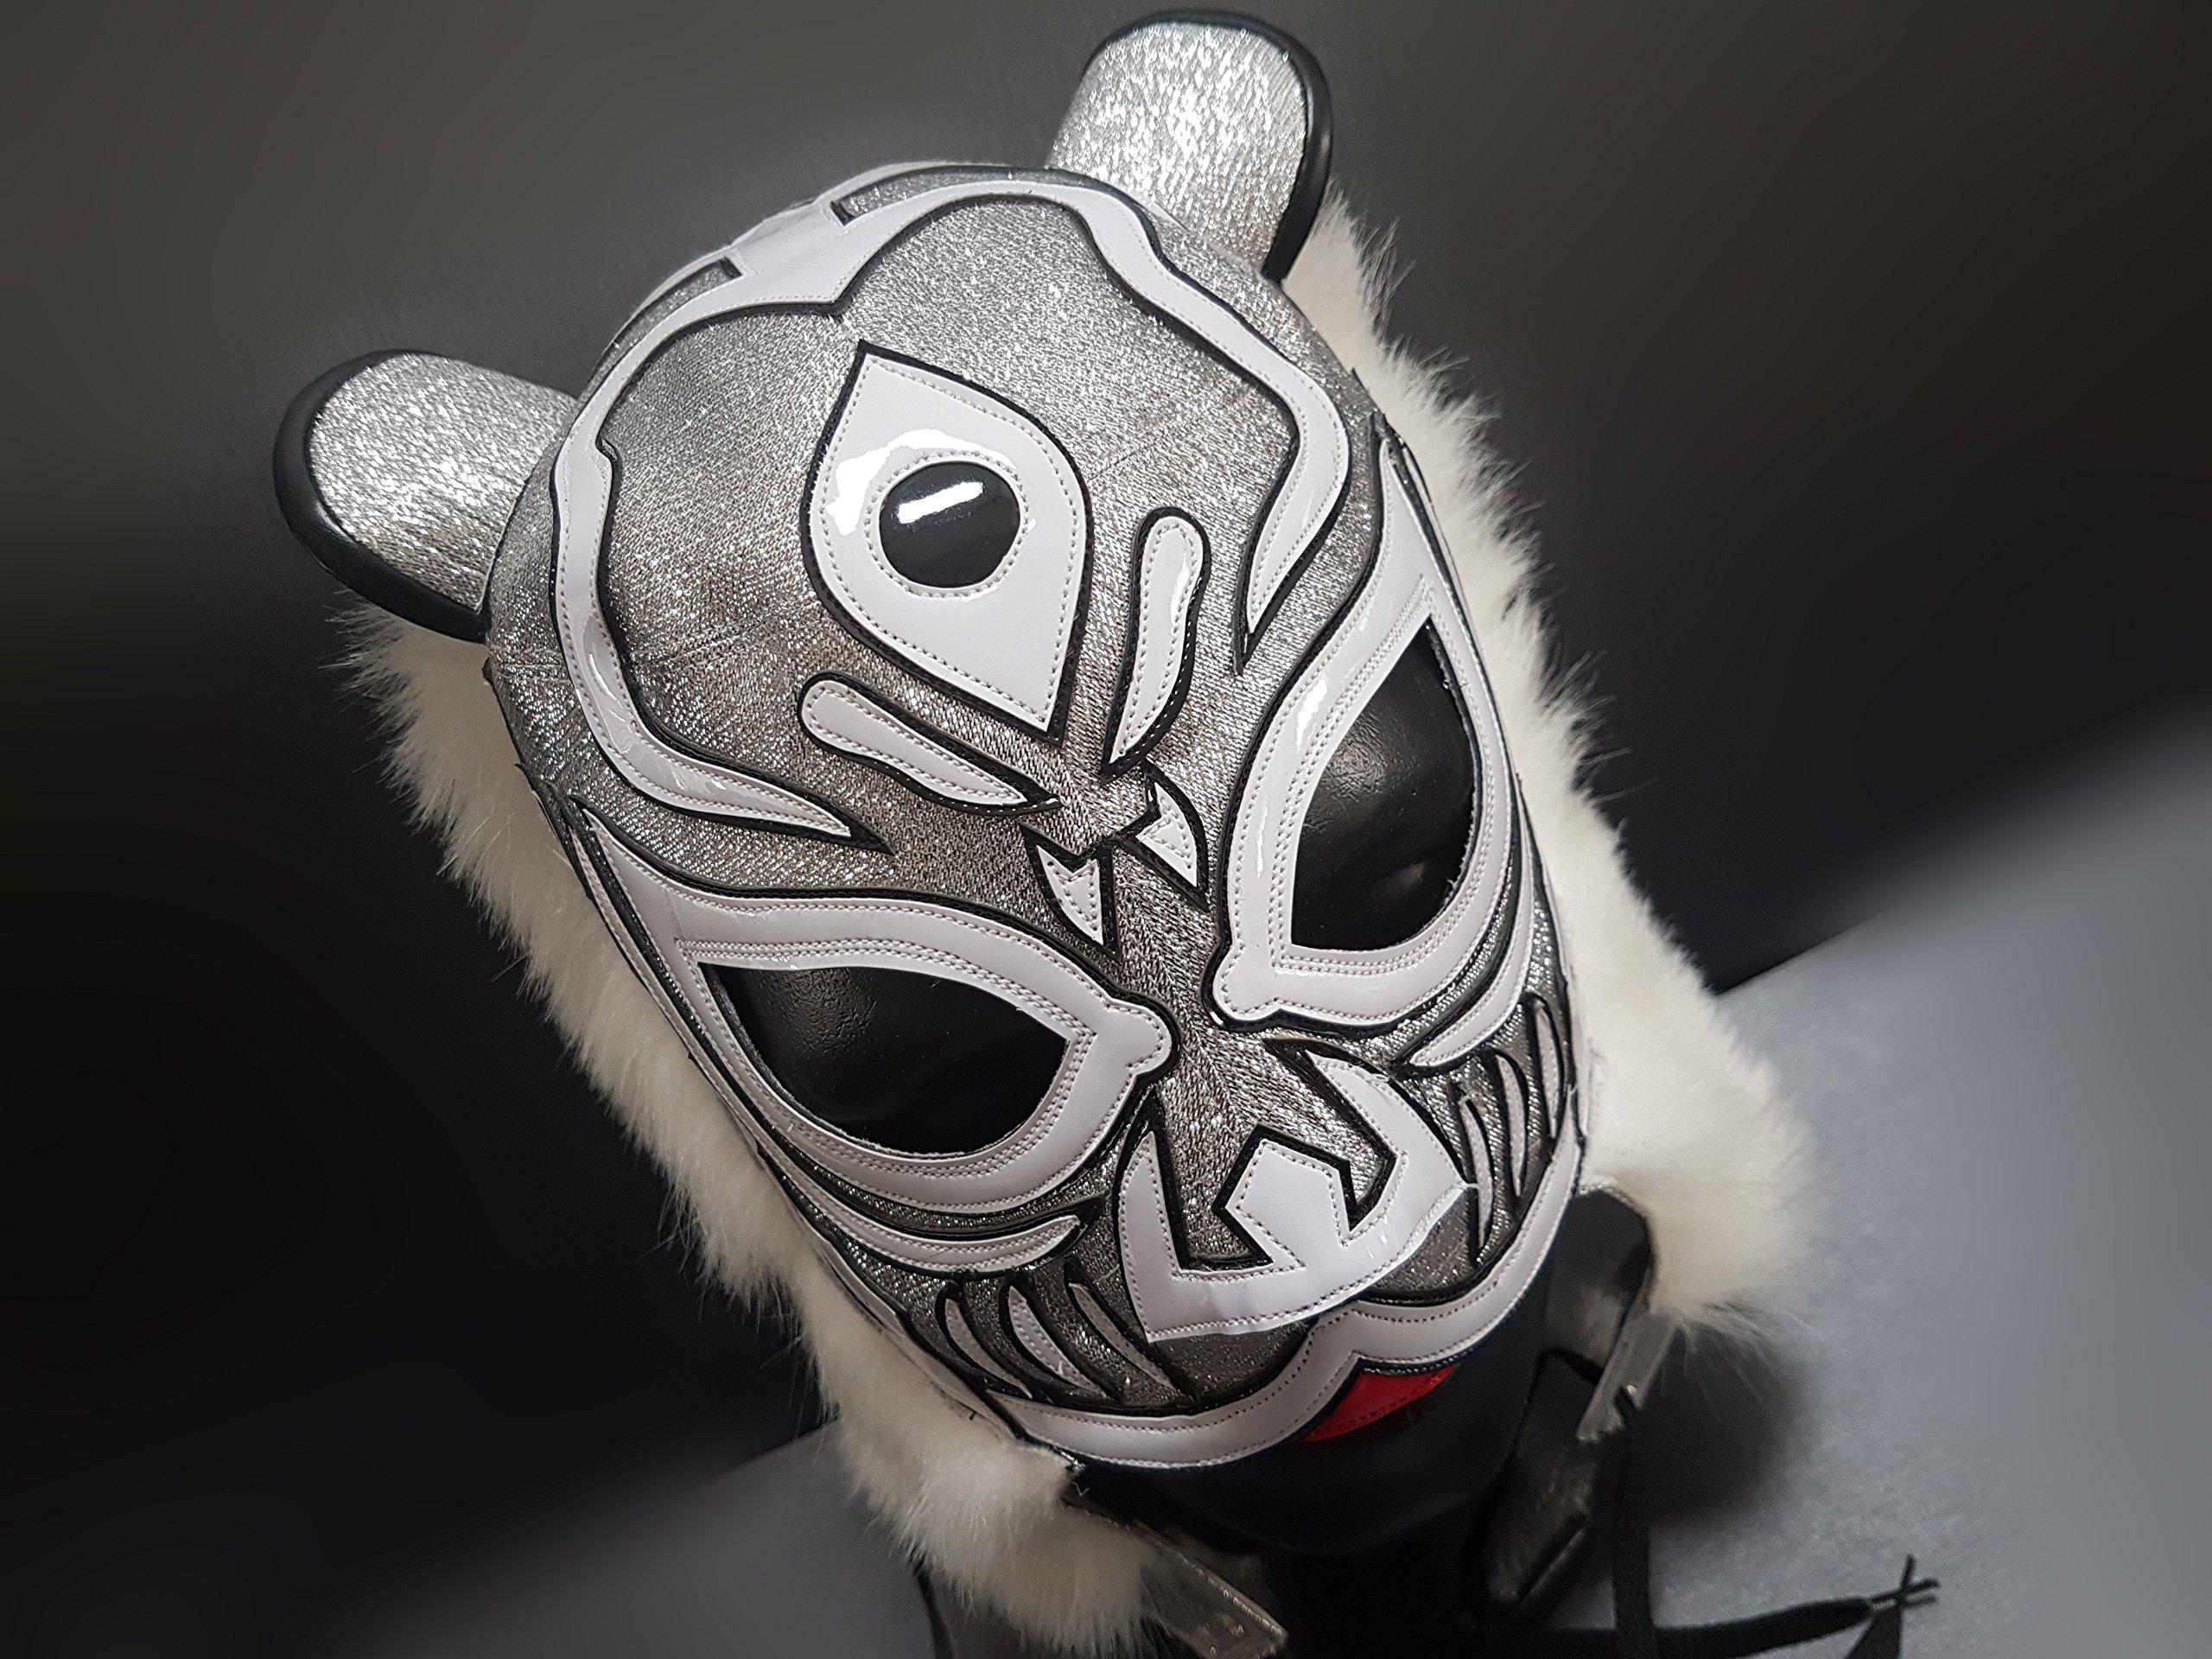 TIGER MASK MASK WRESTLING MASK LUCHADOR COSTUME WRESTLER LUCHA LIBRE MEXICAN MASKE